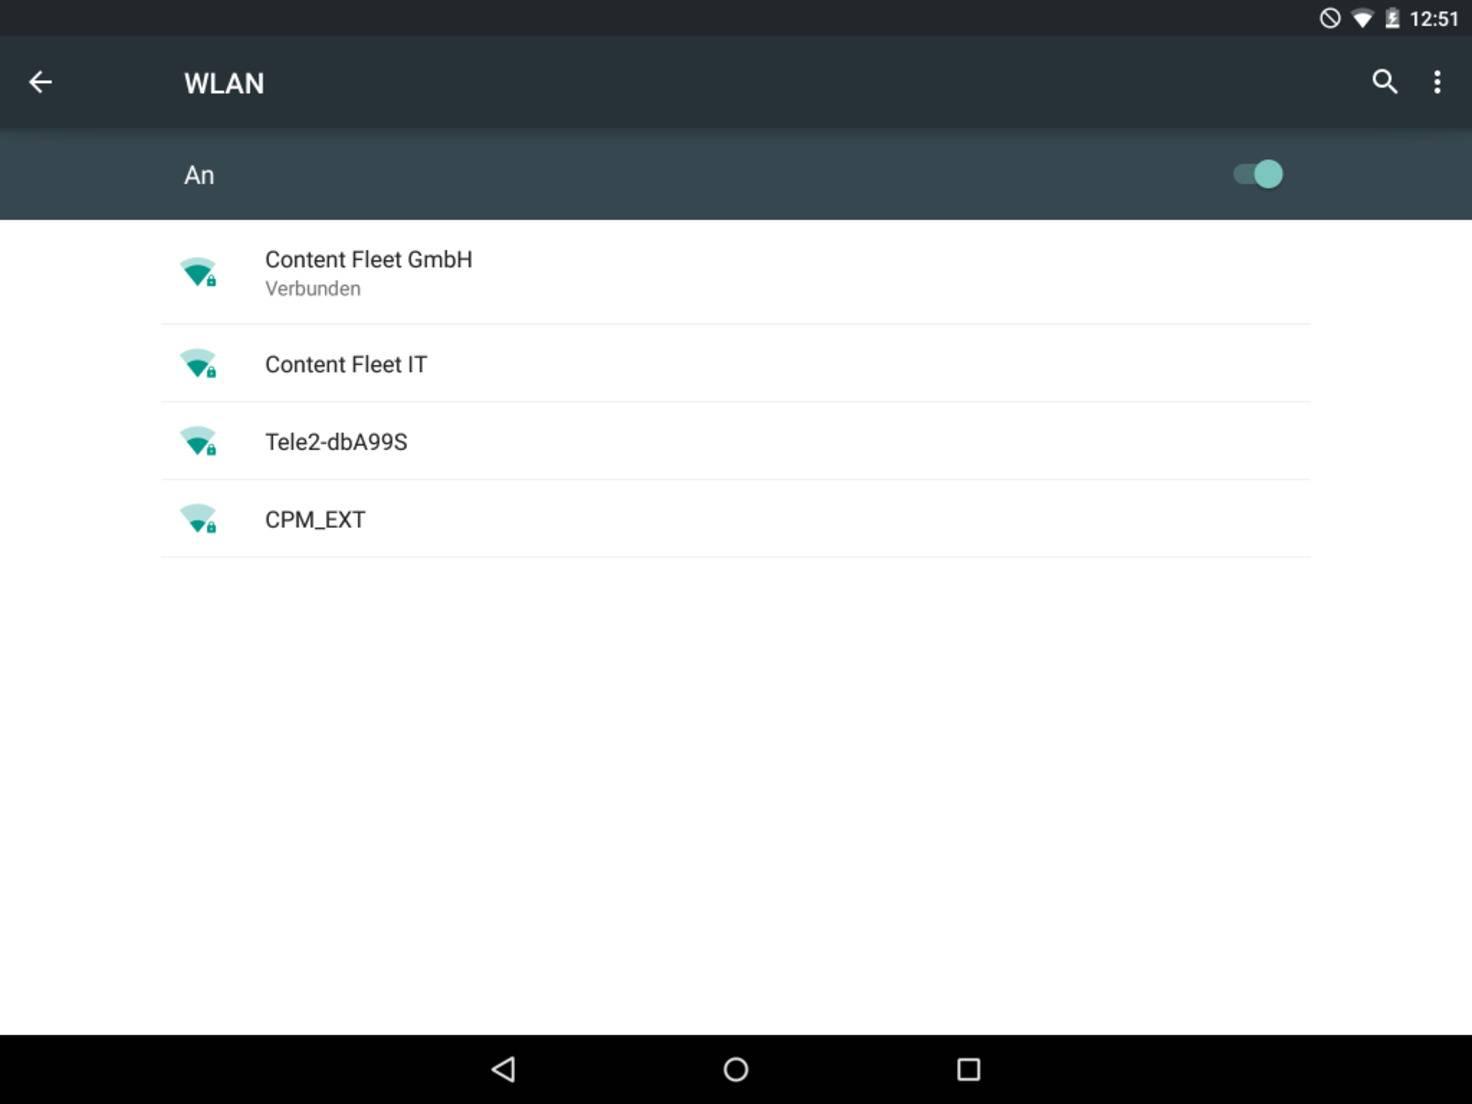 Die ständige Suche nach WLAN-Netzwerken belastet den Akku.